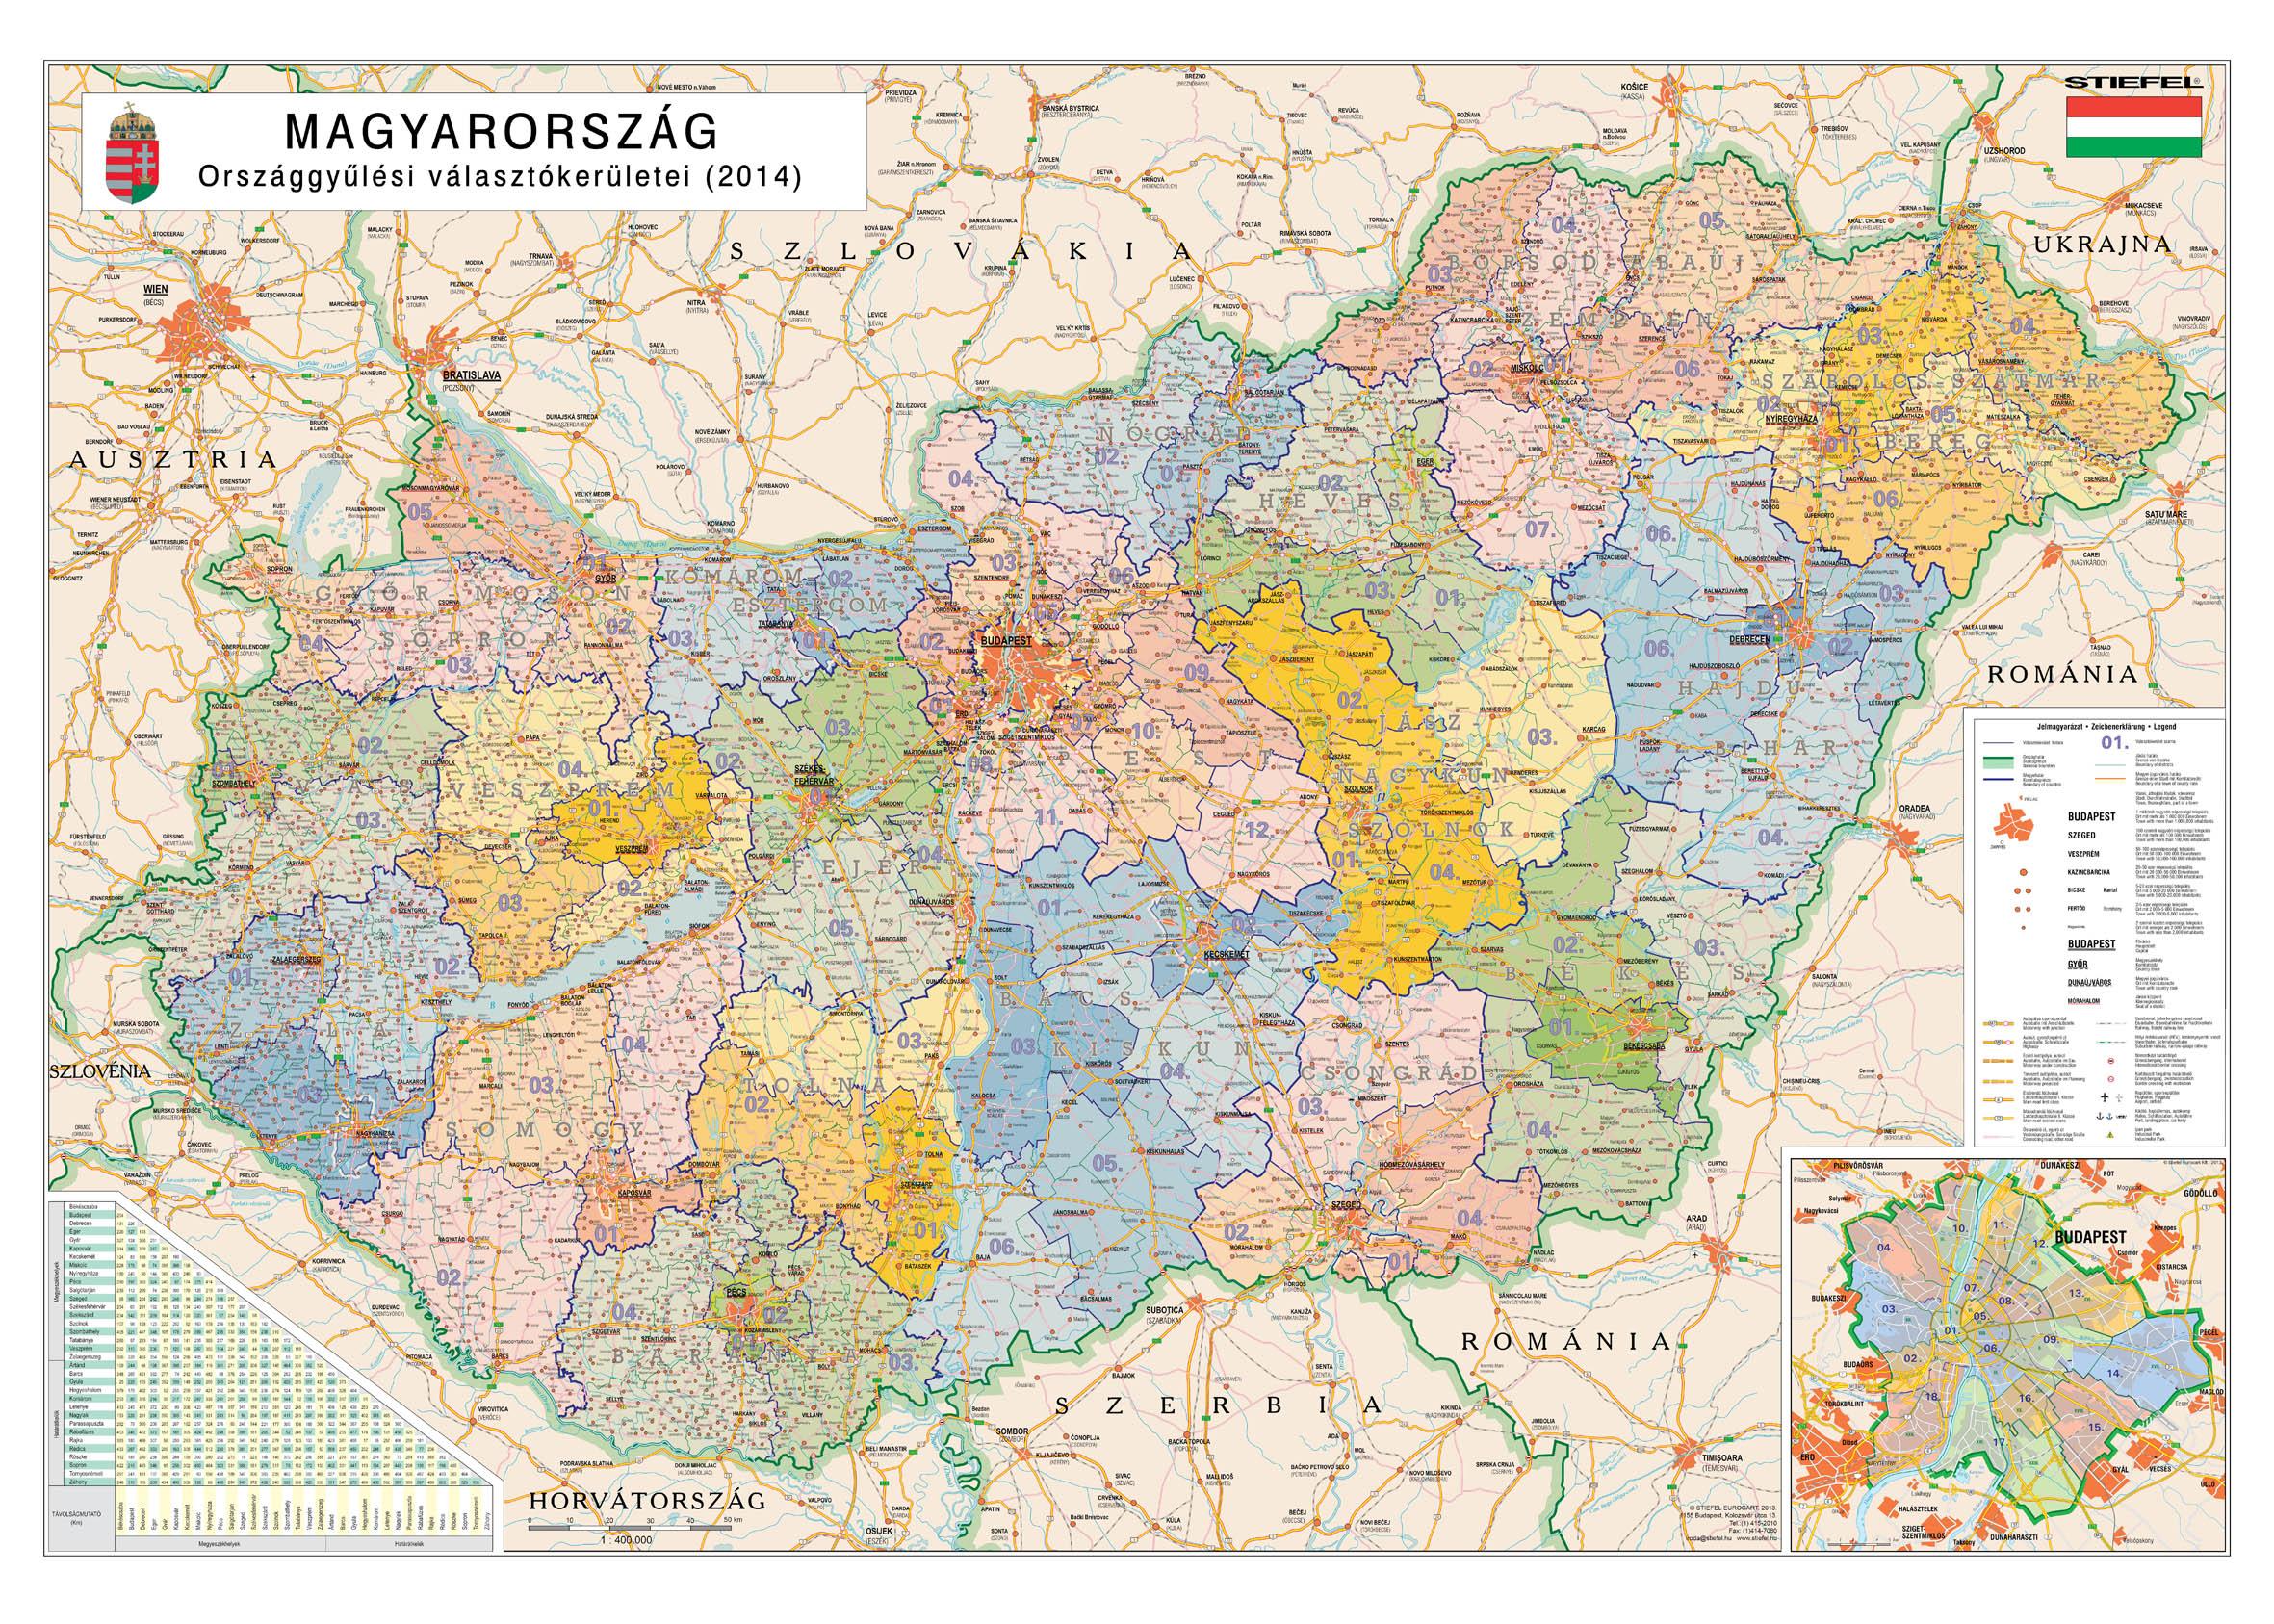 Magyarország választókerületi térkép - élénk színes